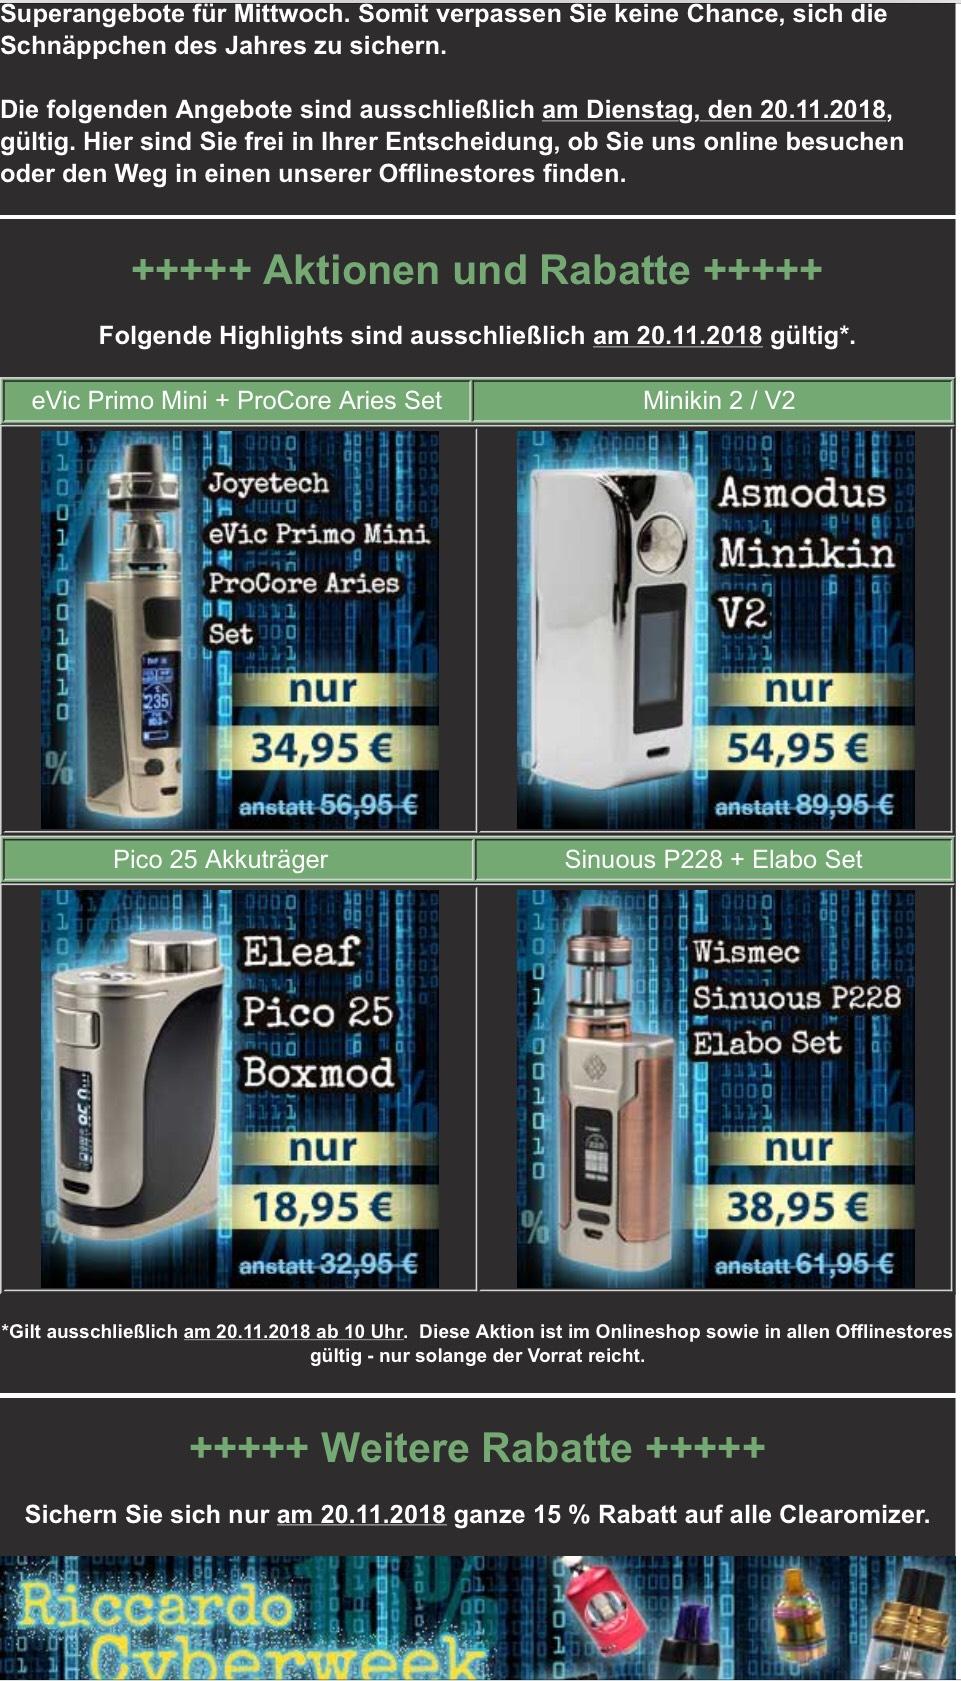 Cyber Week - Dienstag: Asmodus Minikin V2 180W Akkuträger + 15% auf alle Clearomizer